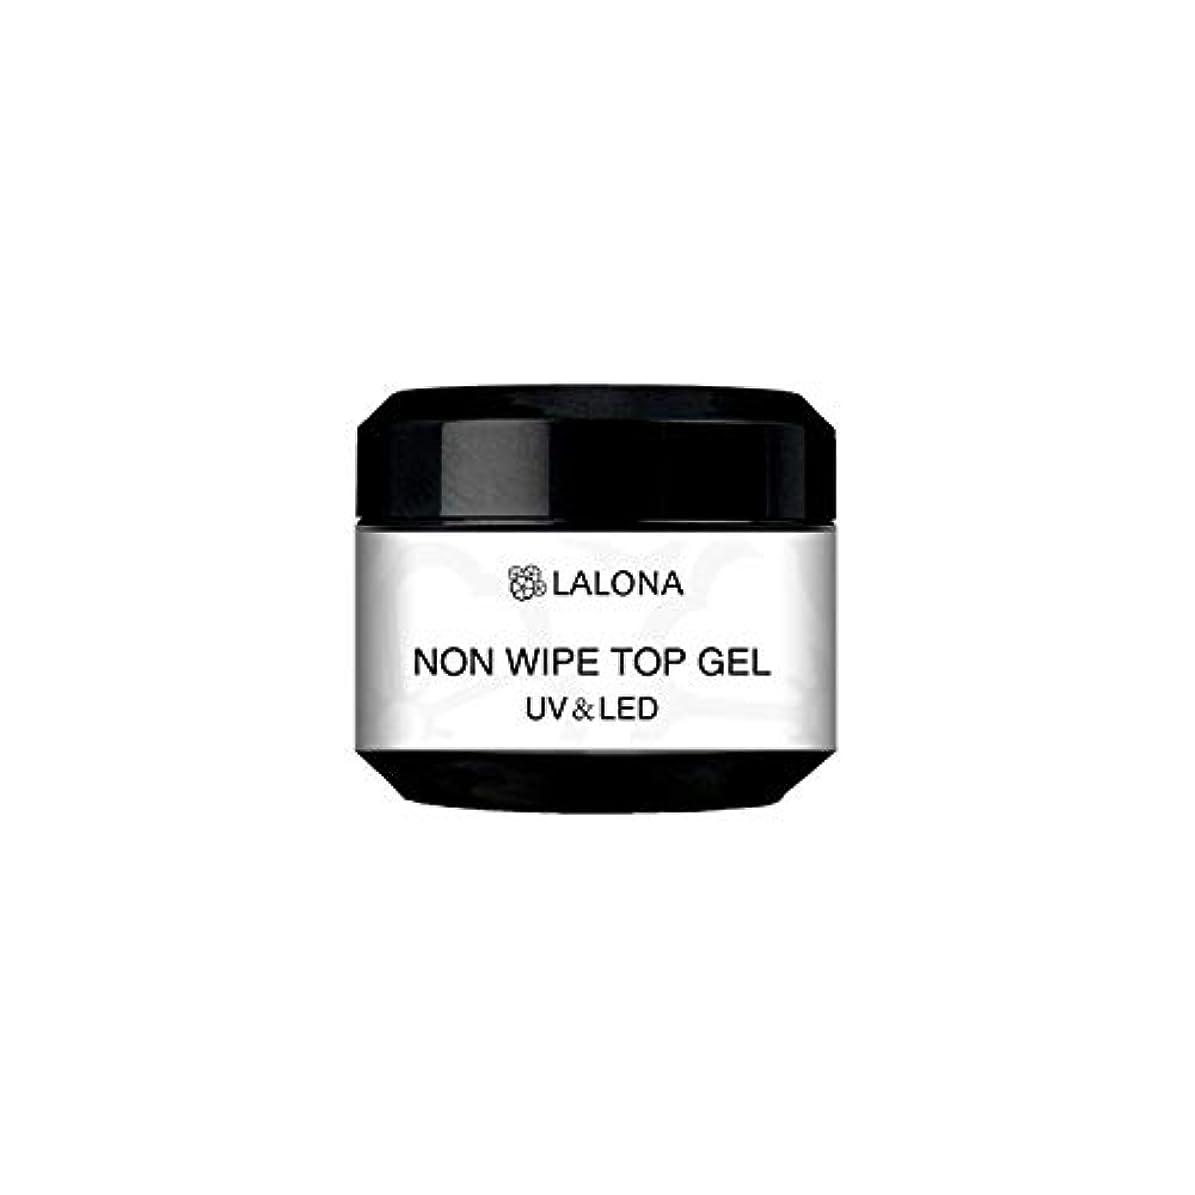 にんじんコーラス輝度LALONA [ ラローナ ] ノンワイプトップジェル (30g) ジェルネイル セミハード トップコート 拭き取り不要 ノーワイプ ソークオフ レジン